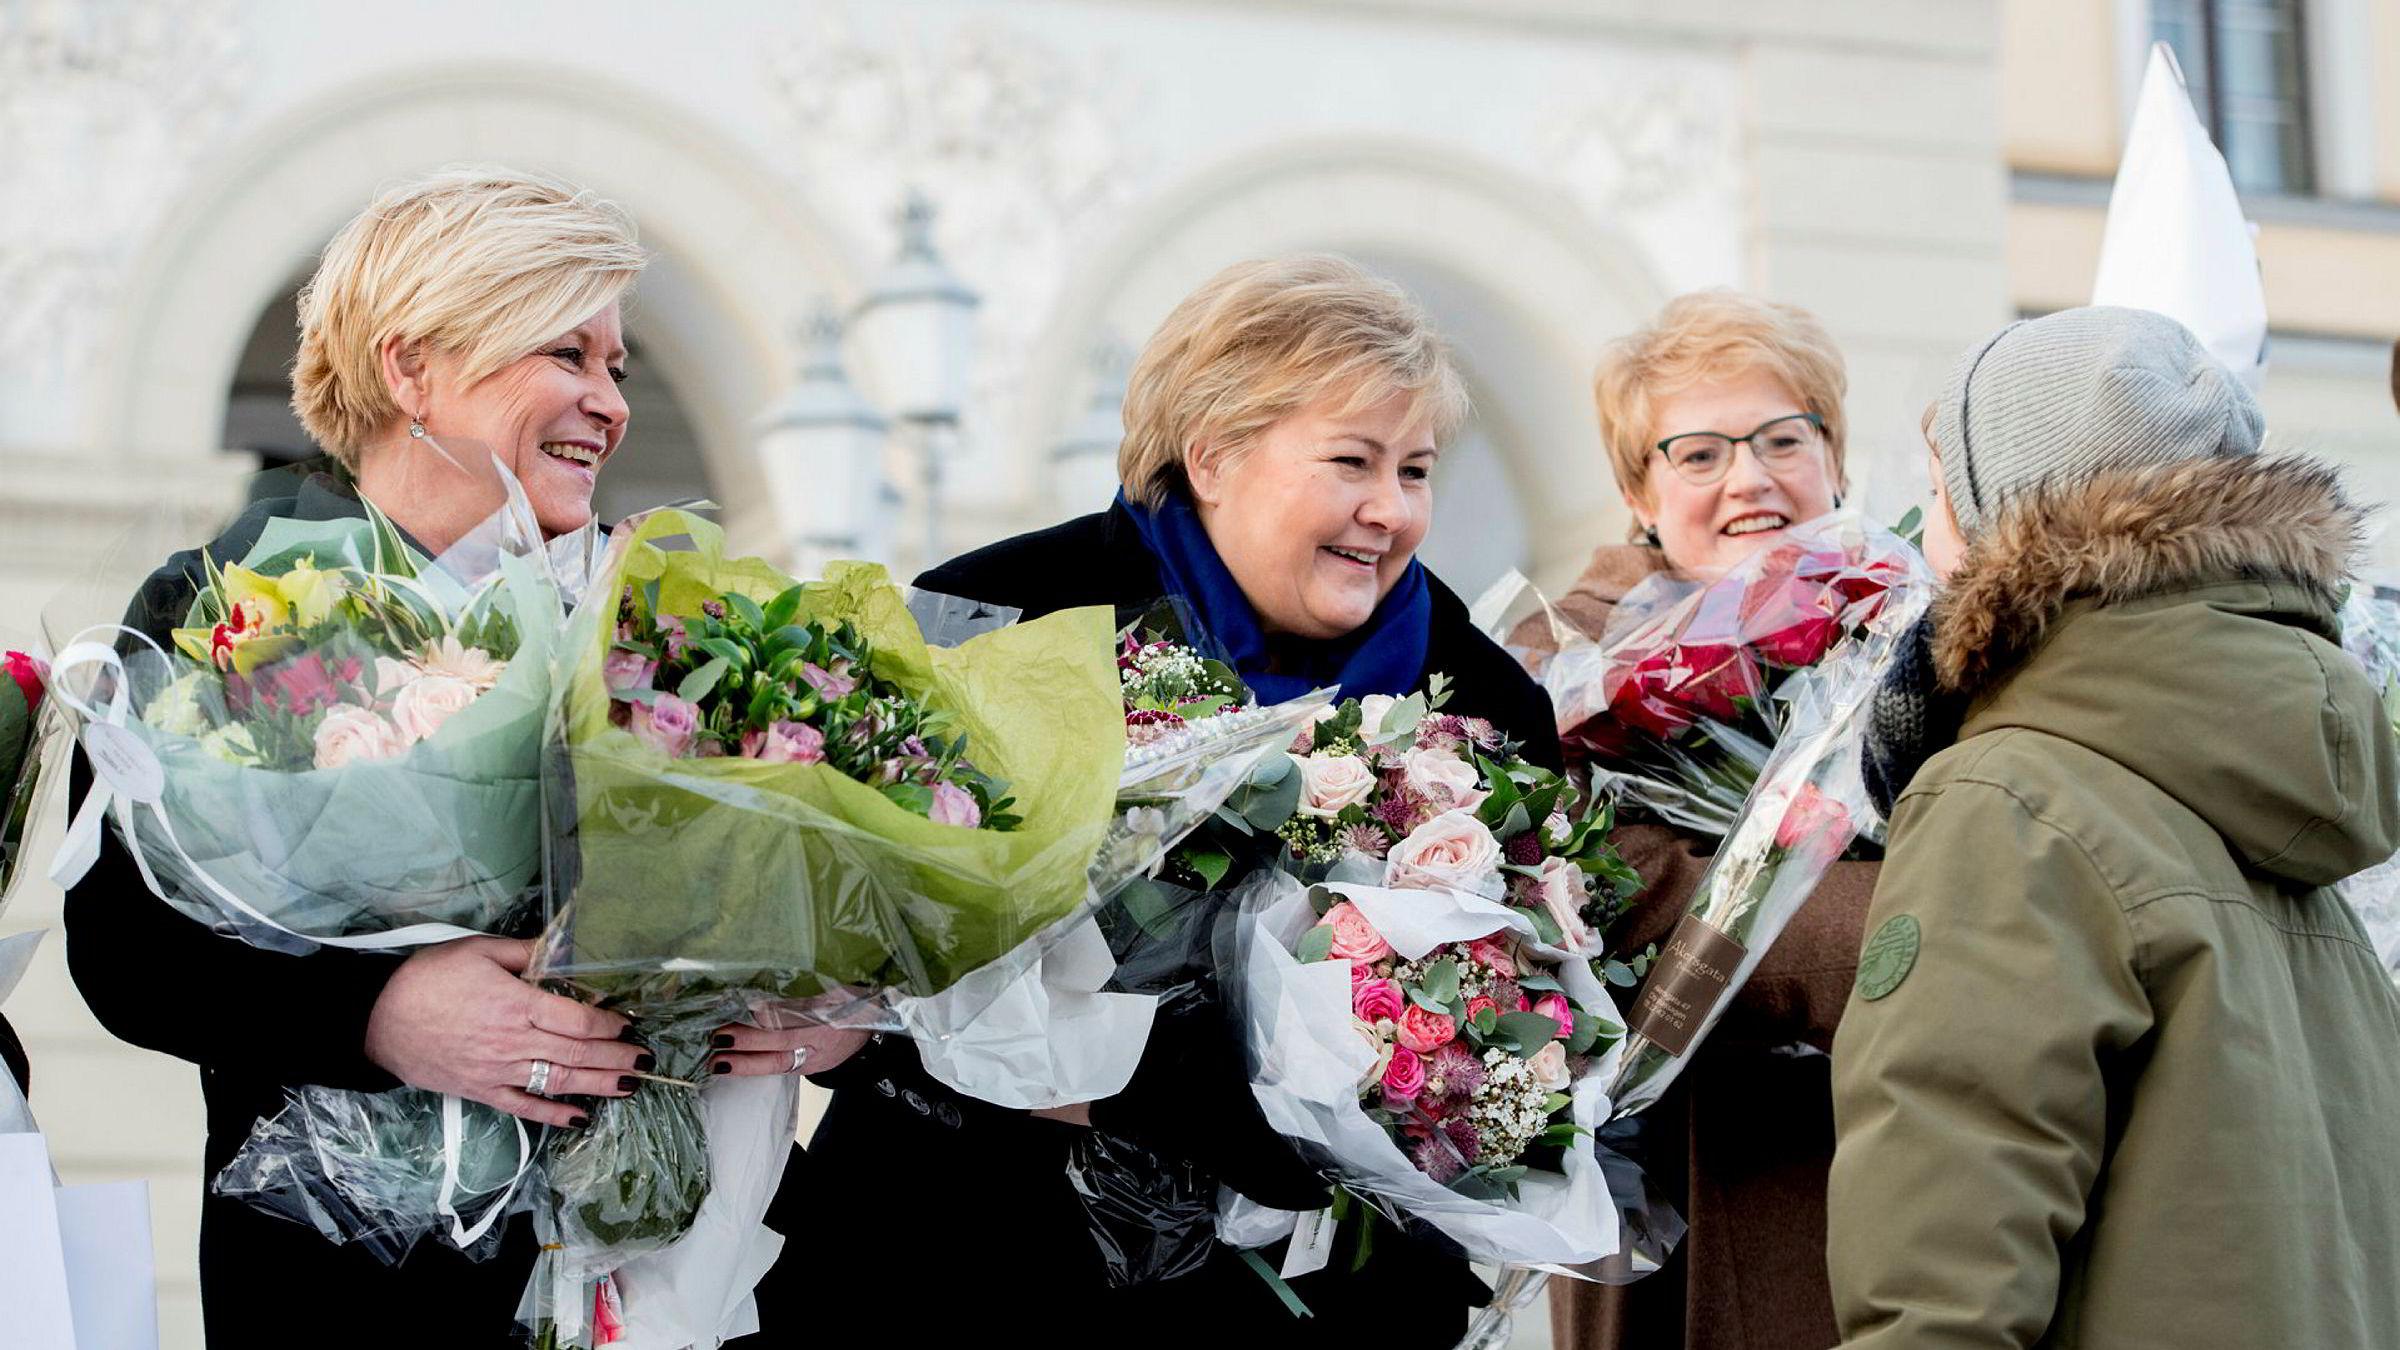 Statsminister Erna Solberg presenterte den utvidete regjeringen på Slottsplassen i Oslo onsdag. Her er hun flankert av Siv Jensen og Trine Skei Grande.